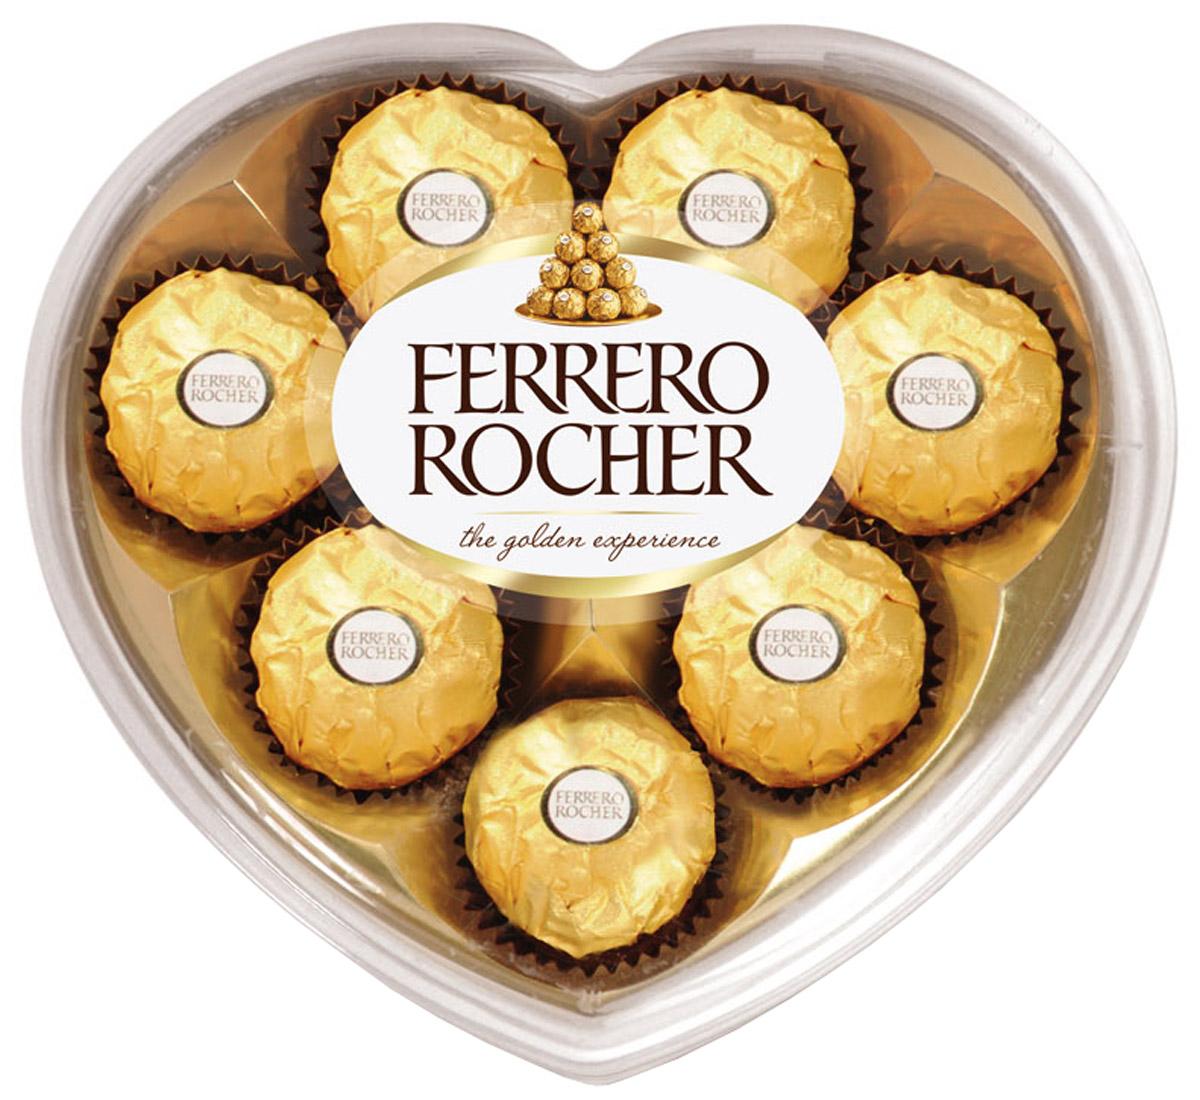 Ferrero Rocher конфеты хрустящие из молочного шоколада, покрытые измельченными орешками, с начинкой из крема и лесного ореха, 100 г